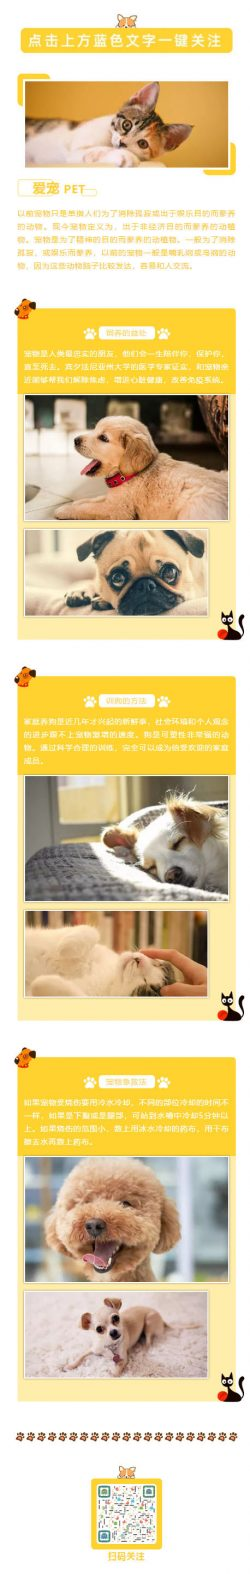 宠物PET微信公众号推文模板小猫小狗推送素材图标